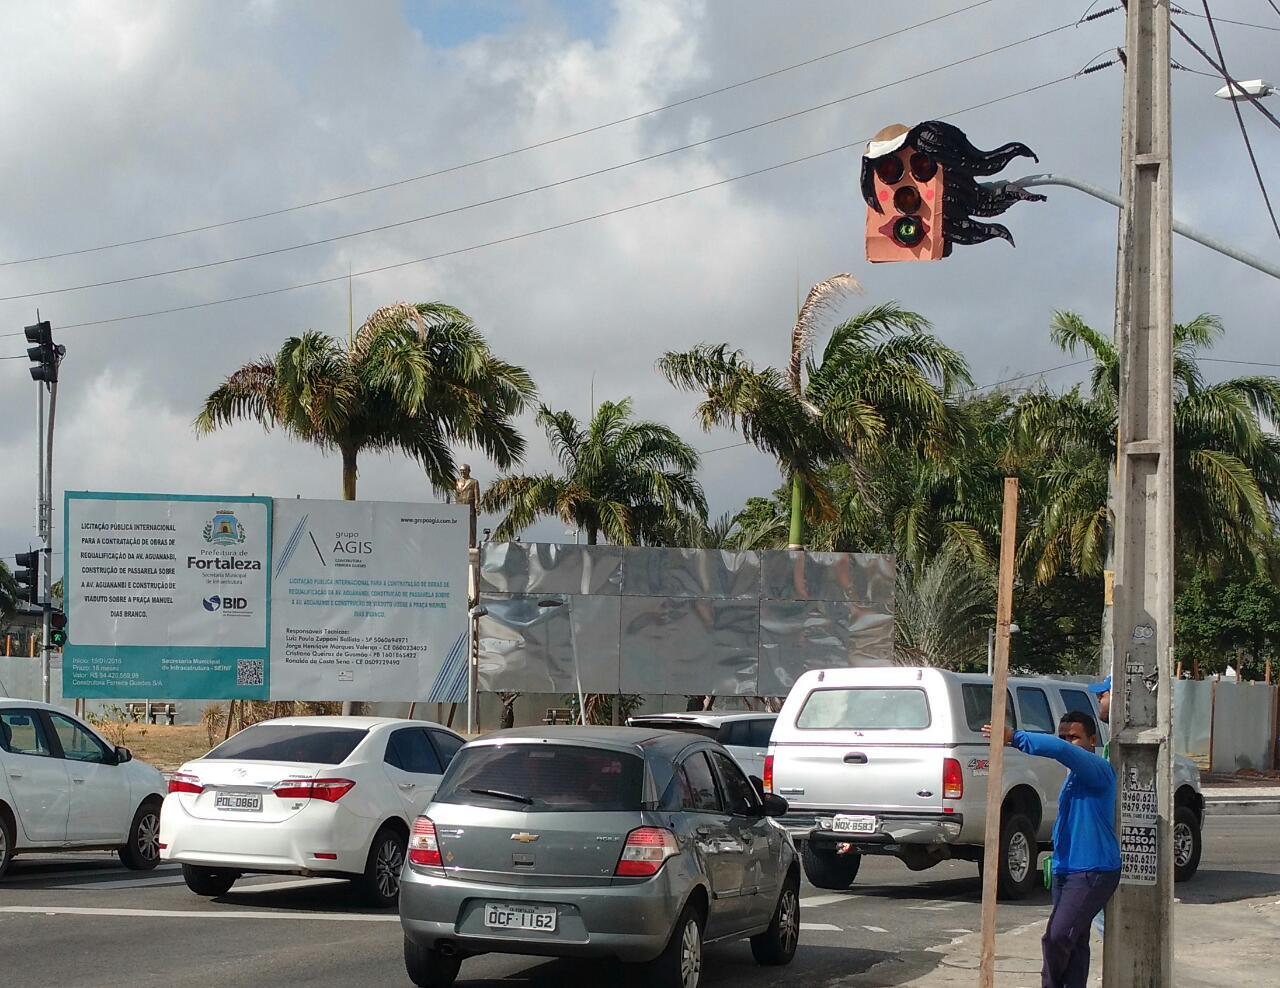 Artistas opinamsobre semáforos enfeitados com figuras de personagens